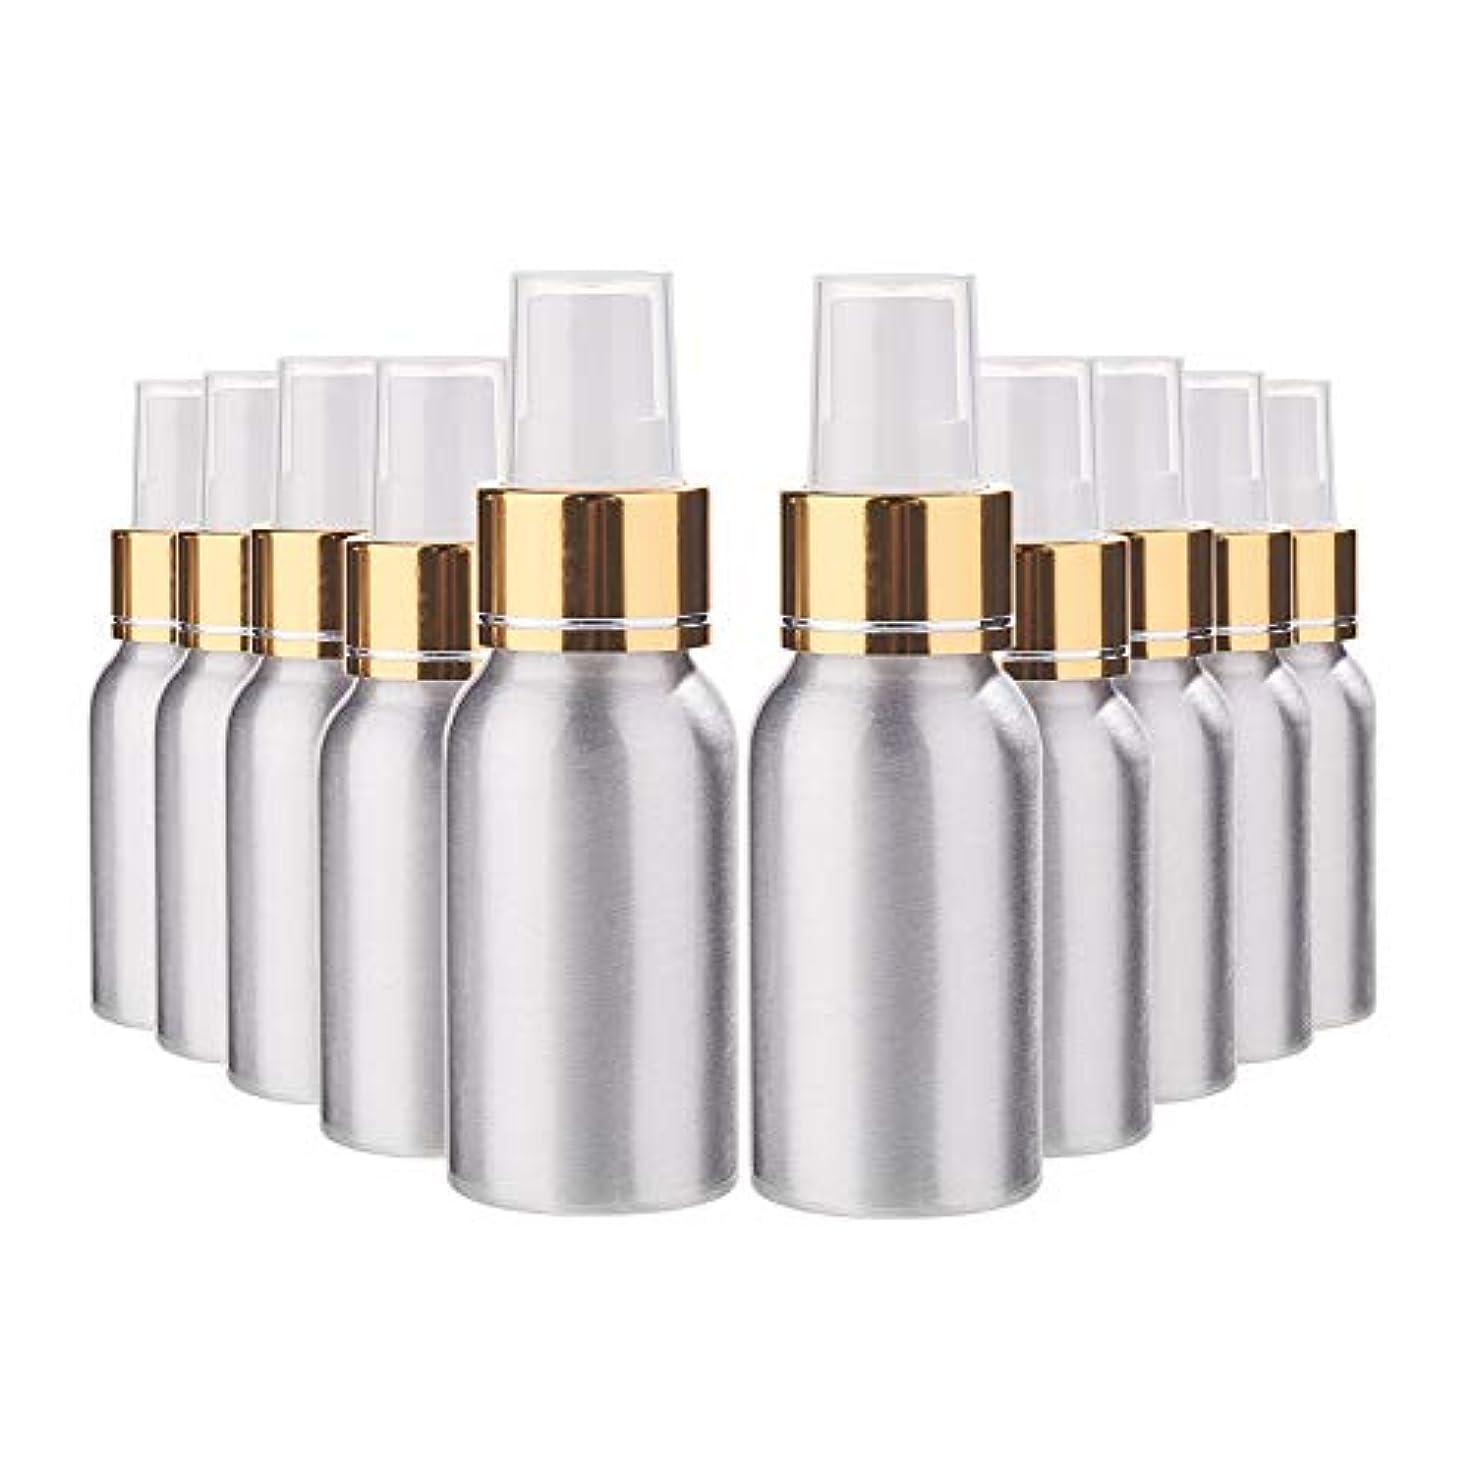 精通した木曜日チャンバーBENECREAT 10個セット50mlスプレーアルミボトル 空ボトル 極細のミスト 防錆 軽量 化粧品 香水 小分け 詰め替え